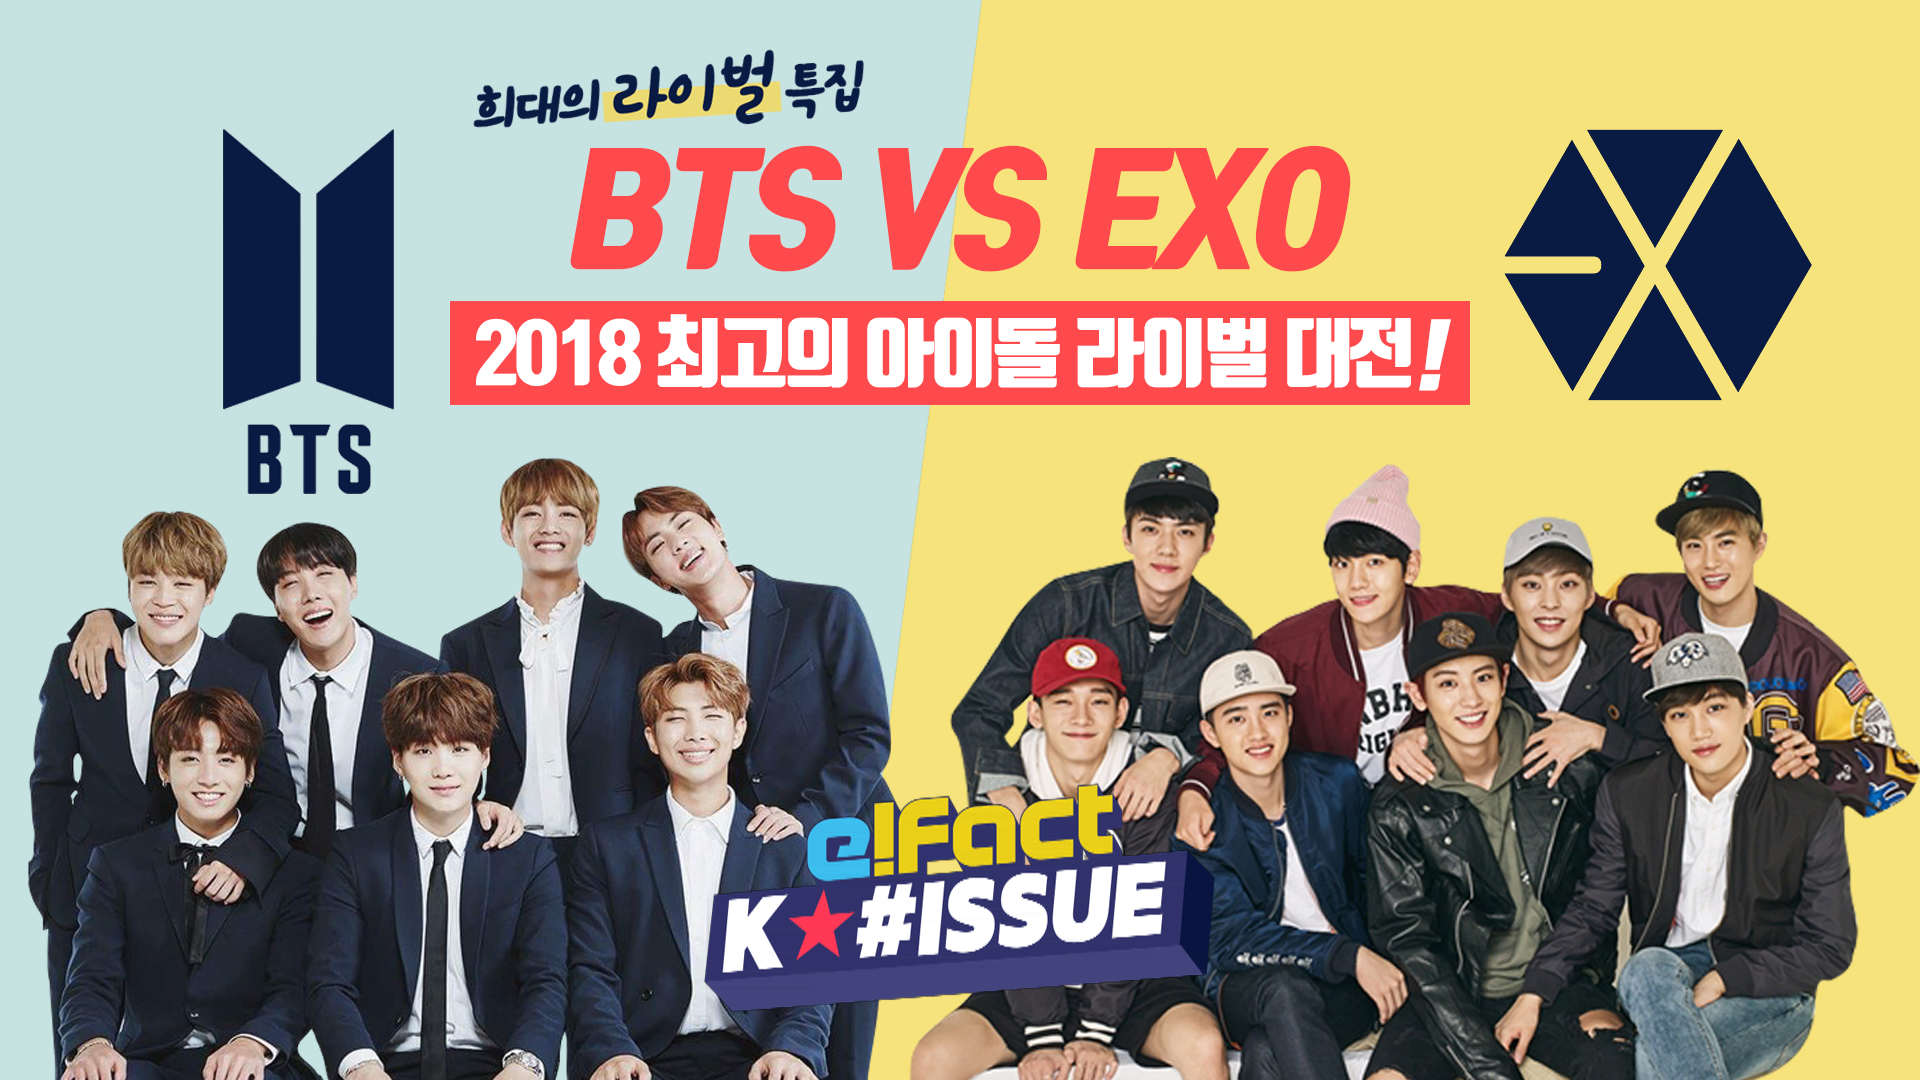 희대의 라이벌 특집 BTS vs EXO 2018 최고의 아이돌 라이벌 대전!